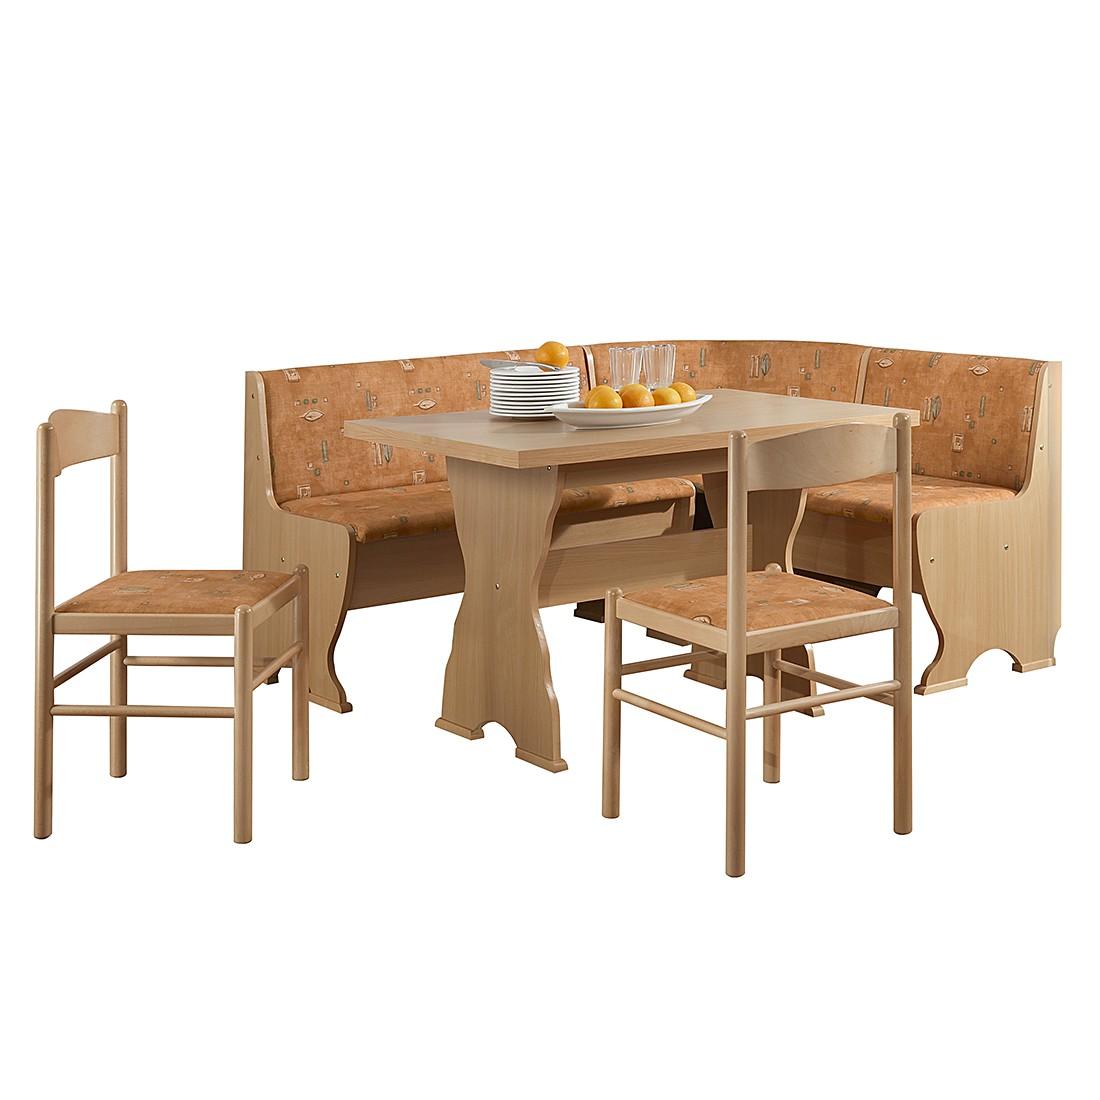 eckbankgruppe 120 120 g nstig kaufen. Black Bedroom Furniture Sets. Home Design Ideas